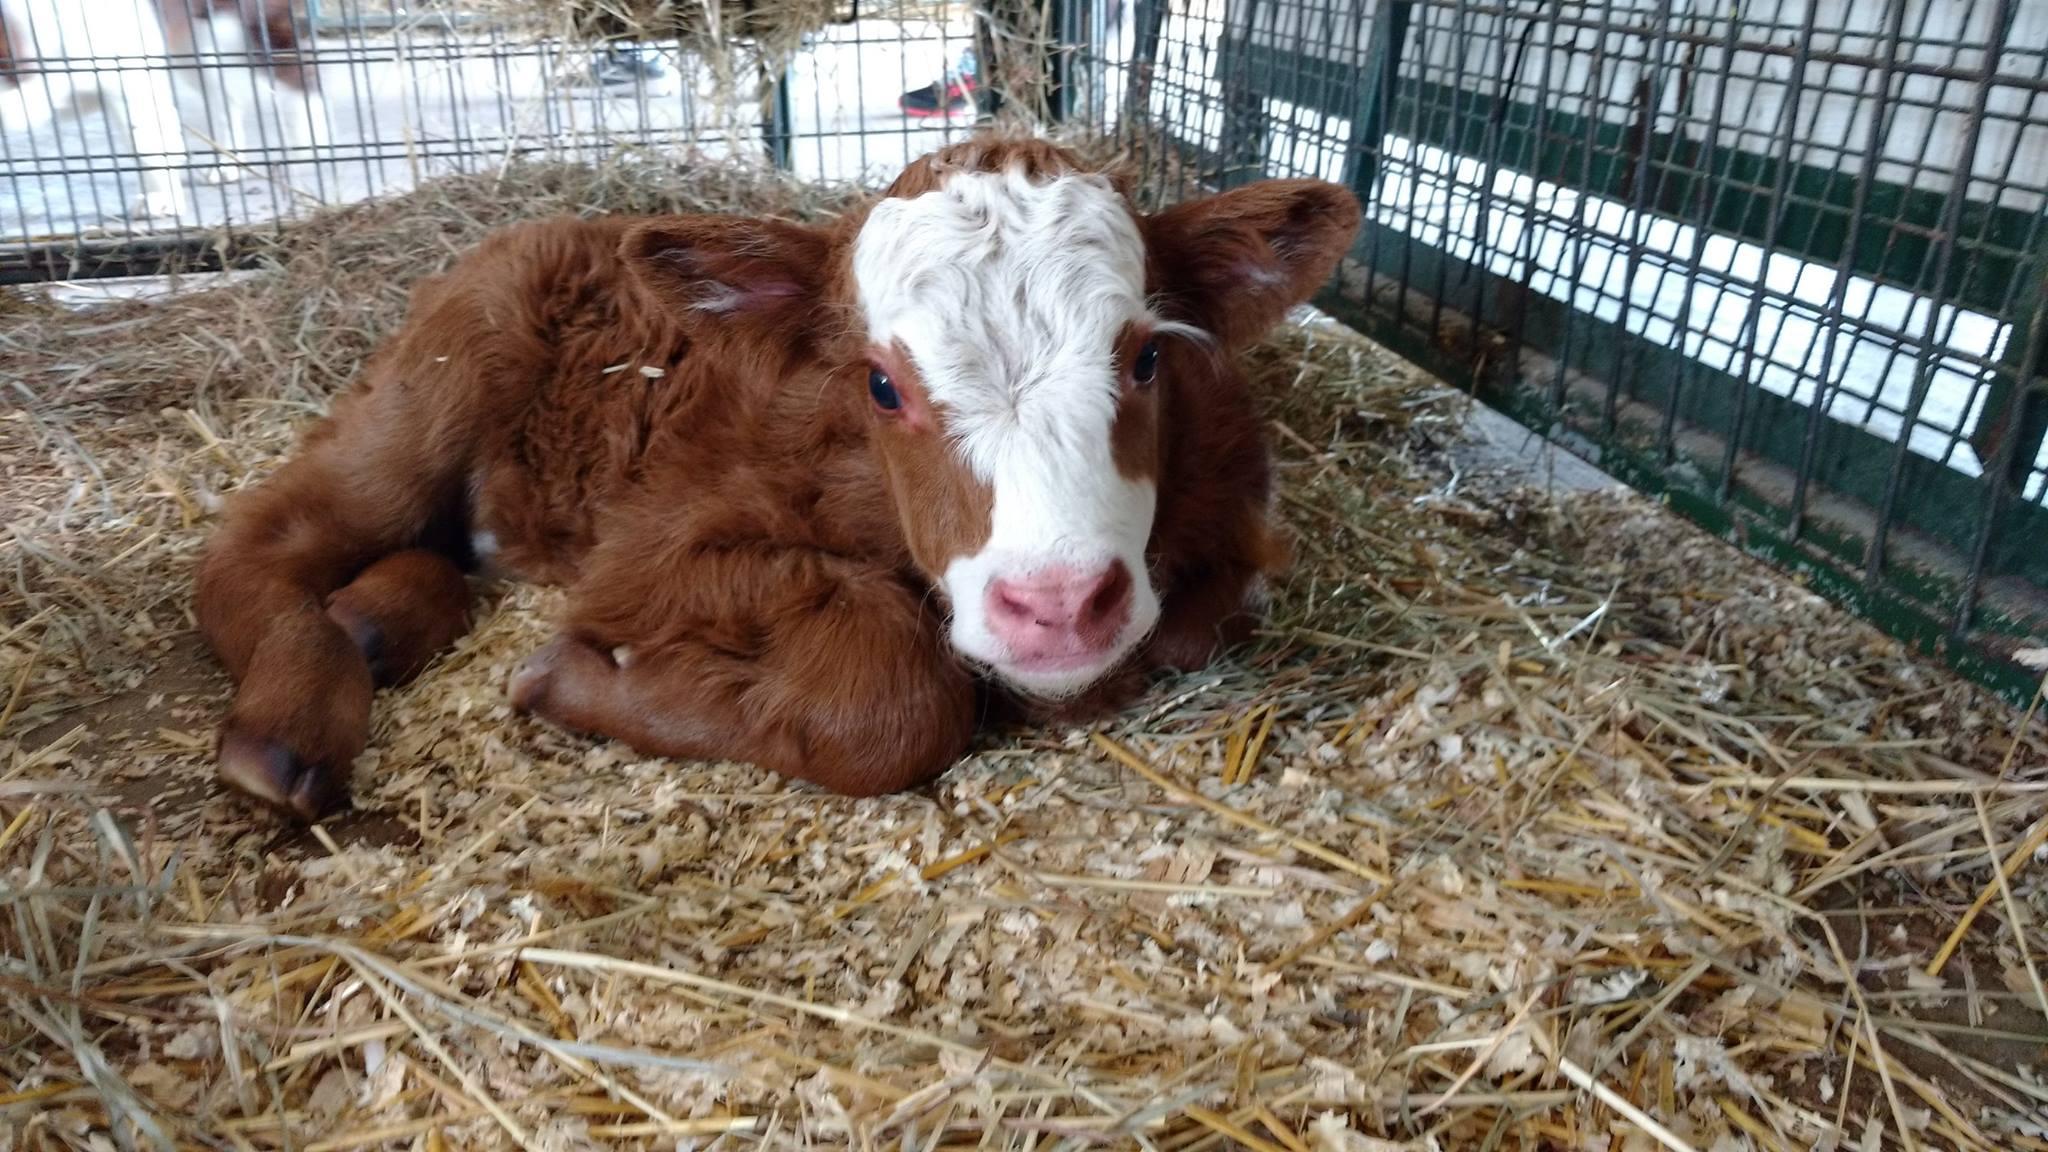 Green Meadows Petting Farm Cow